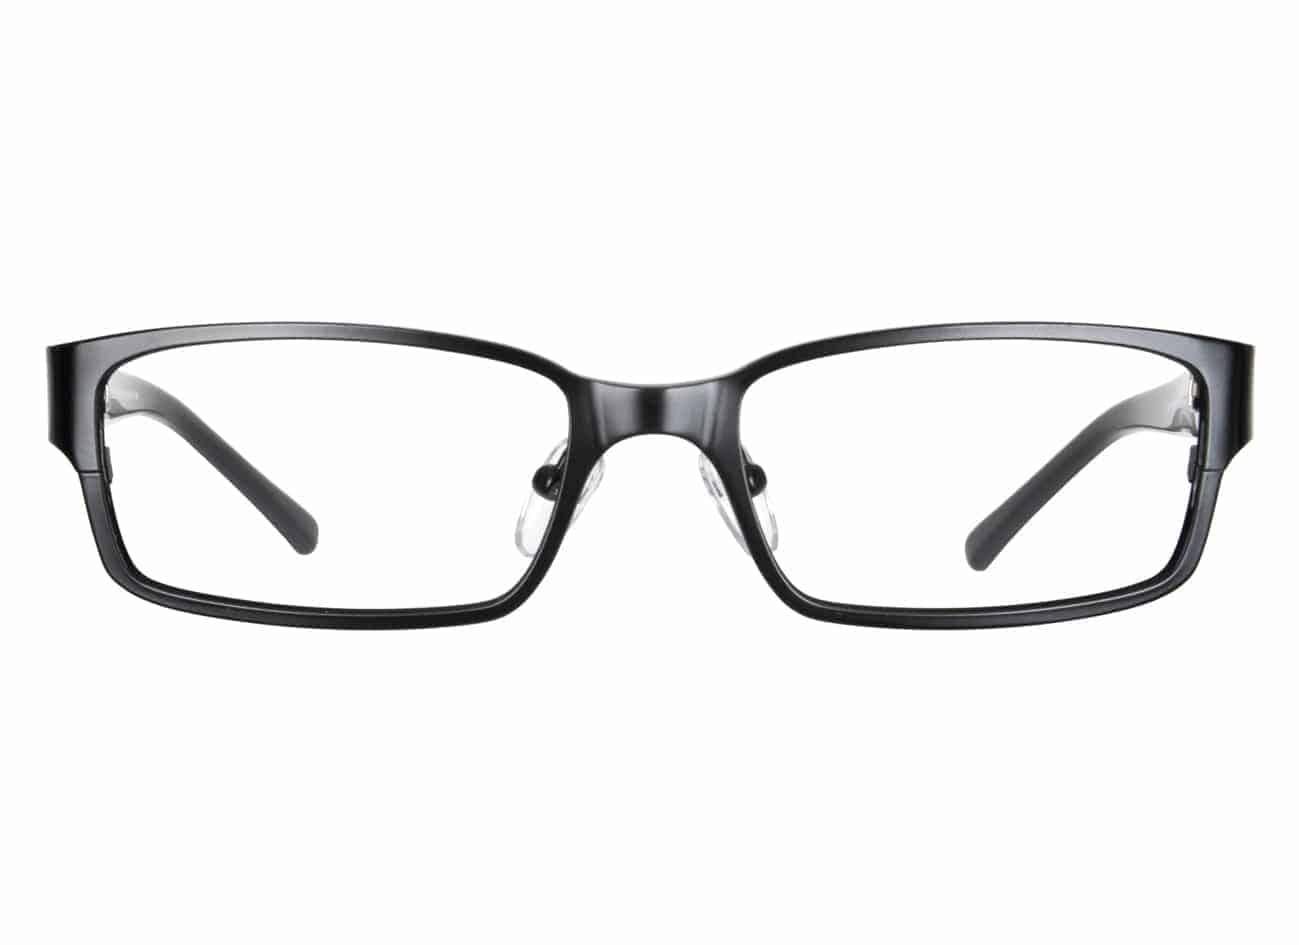 Hudson Optical / DG-99 / Safety Glasses | E-Z Optical